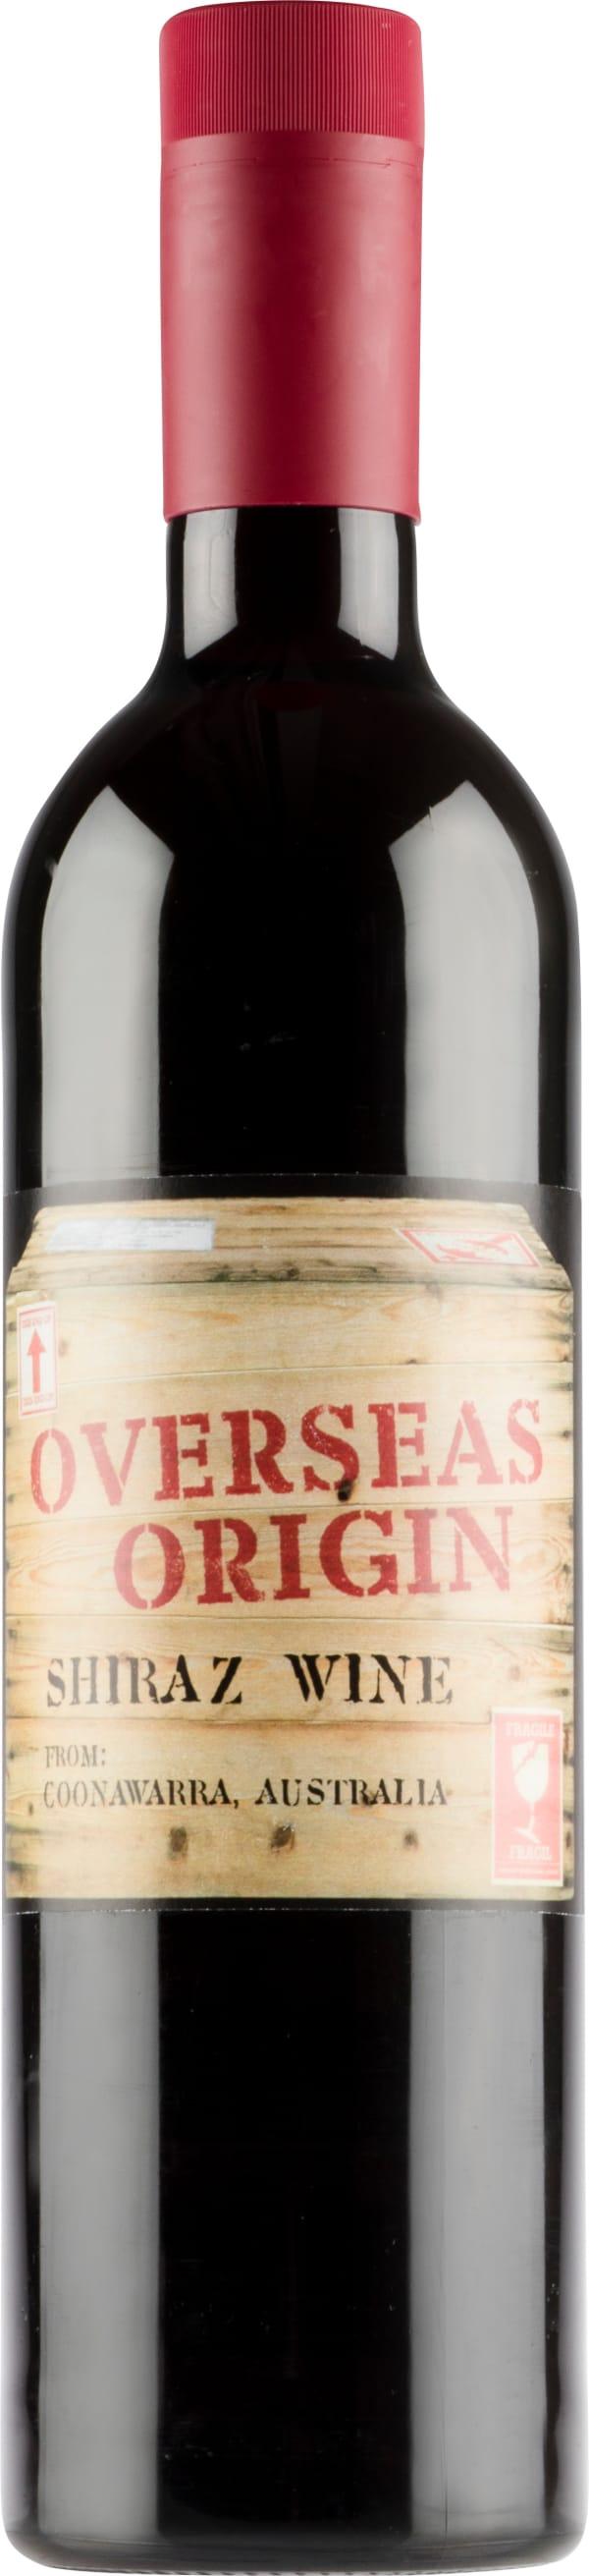 Overseas Origin Shiraz 2018 plastic bottle